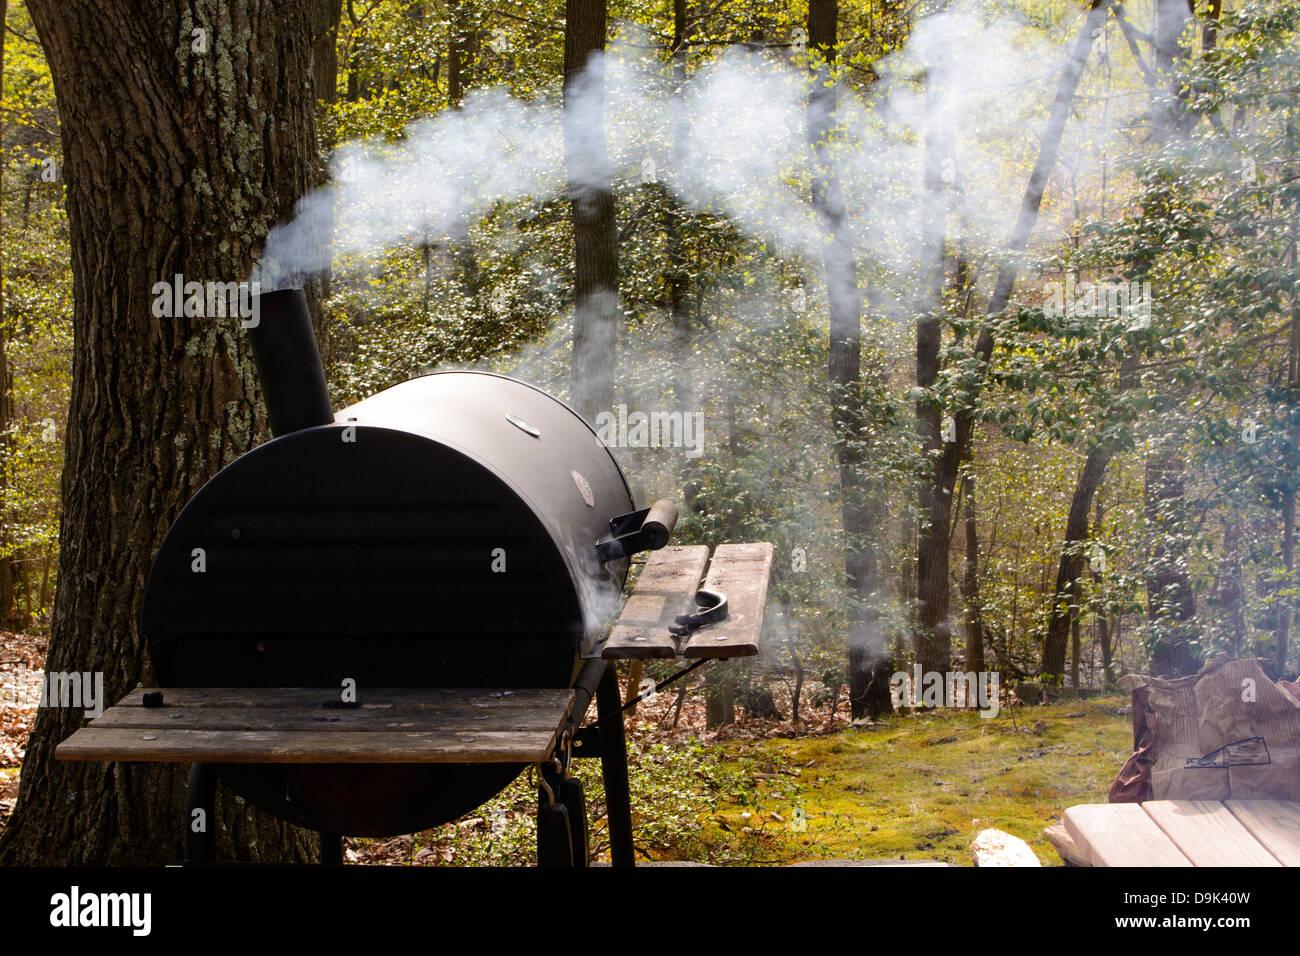 Außenküche Mit Smoker : Holzkohlegrill grill smoker mit rauch stockfoto bild: 57583257